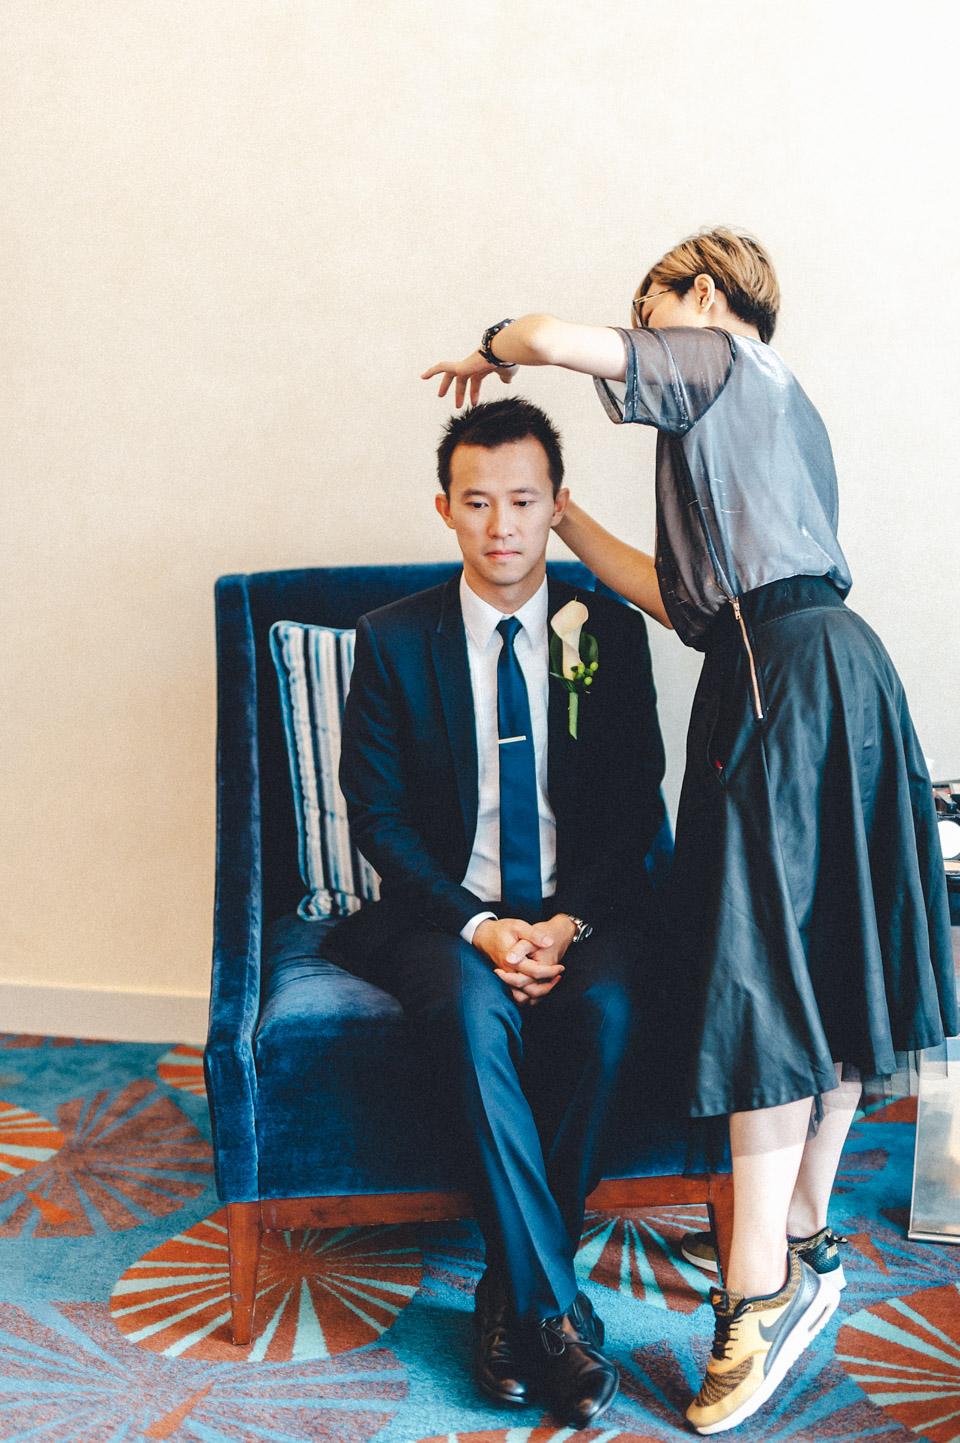 hongkong-wedding-photo-video-24 Kristy & Sam HongKong Wedding Four Saison HKhongkong wedding photo video 24